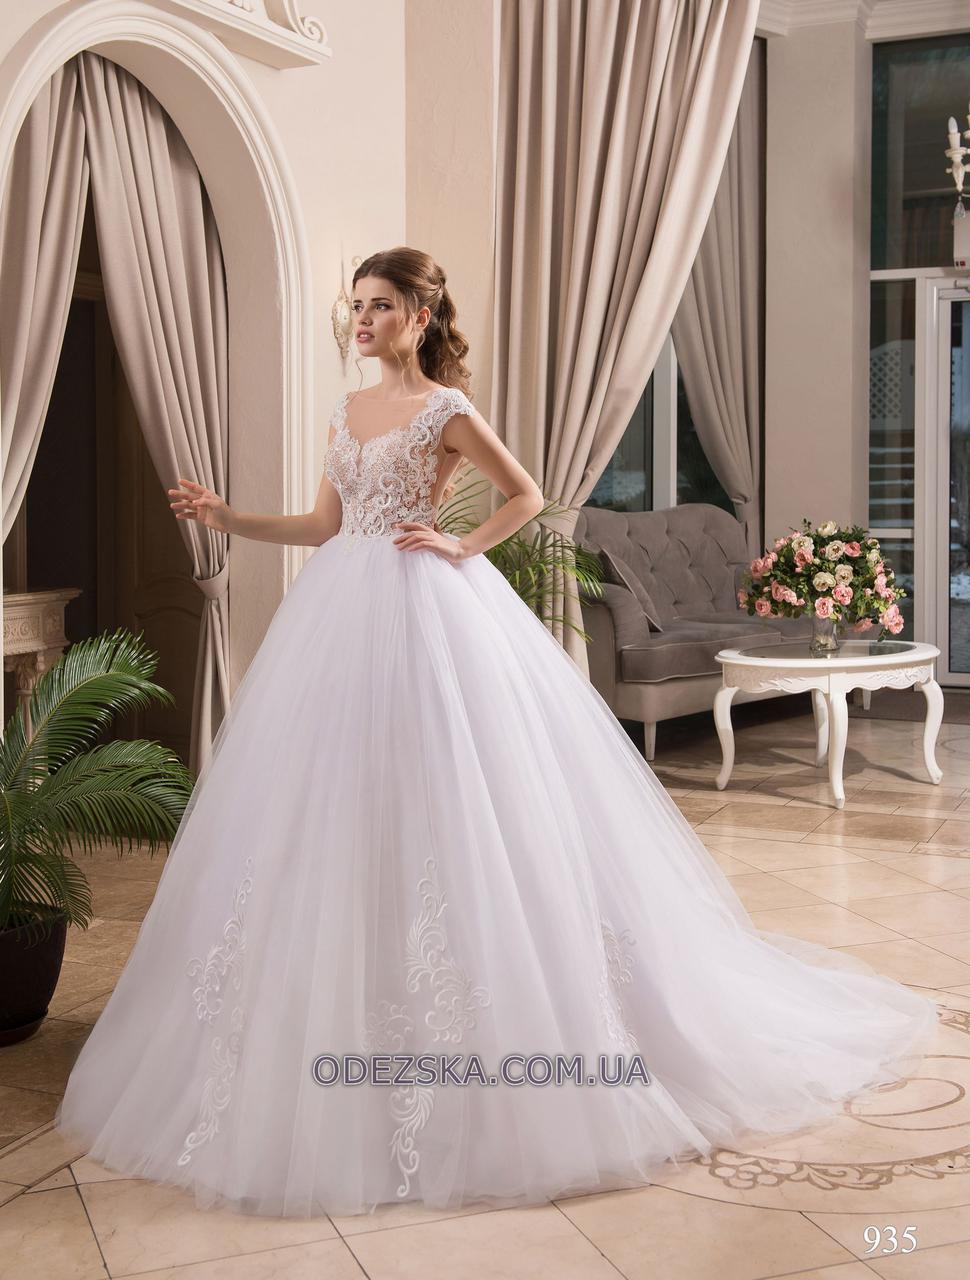 Пышное яркое свадебное платье со шлейфом